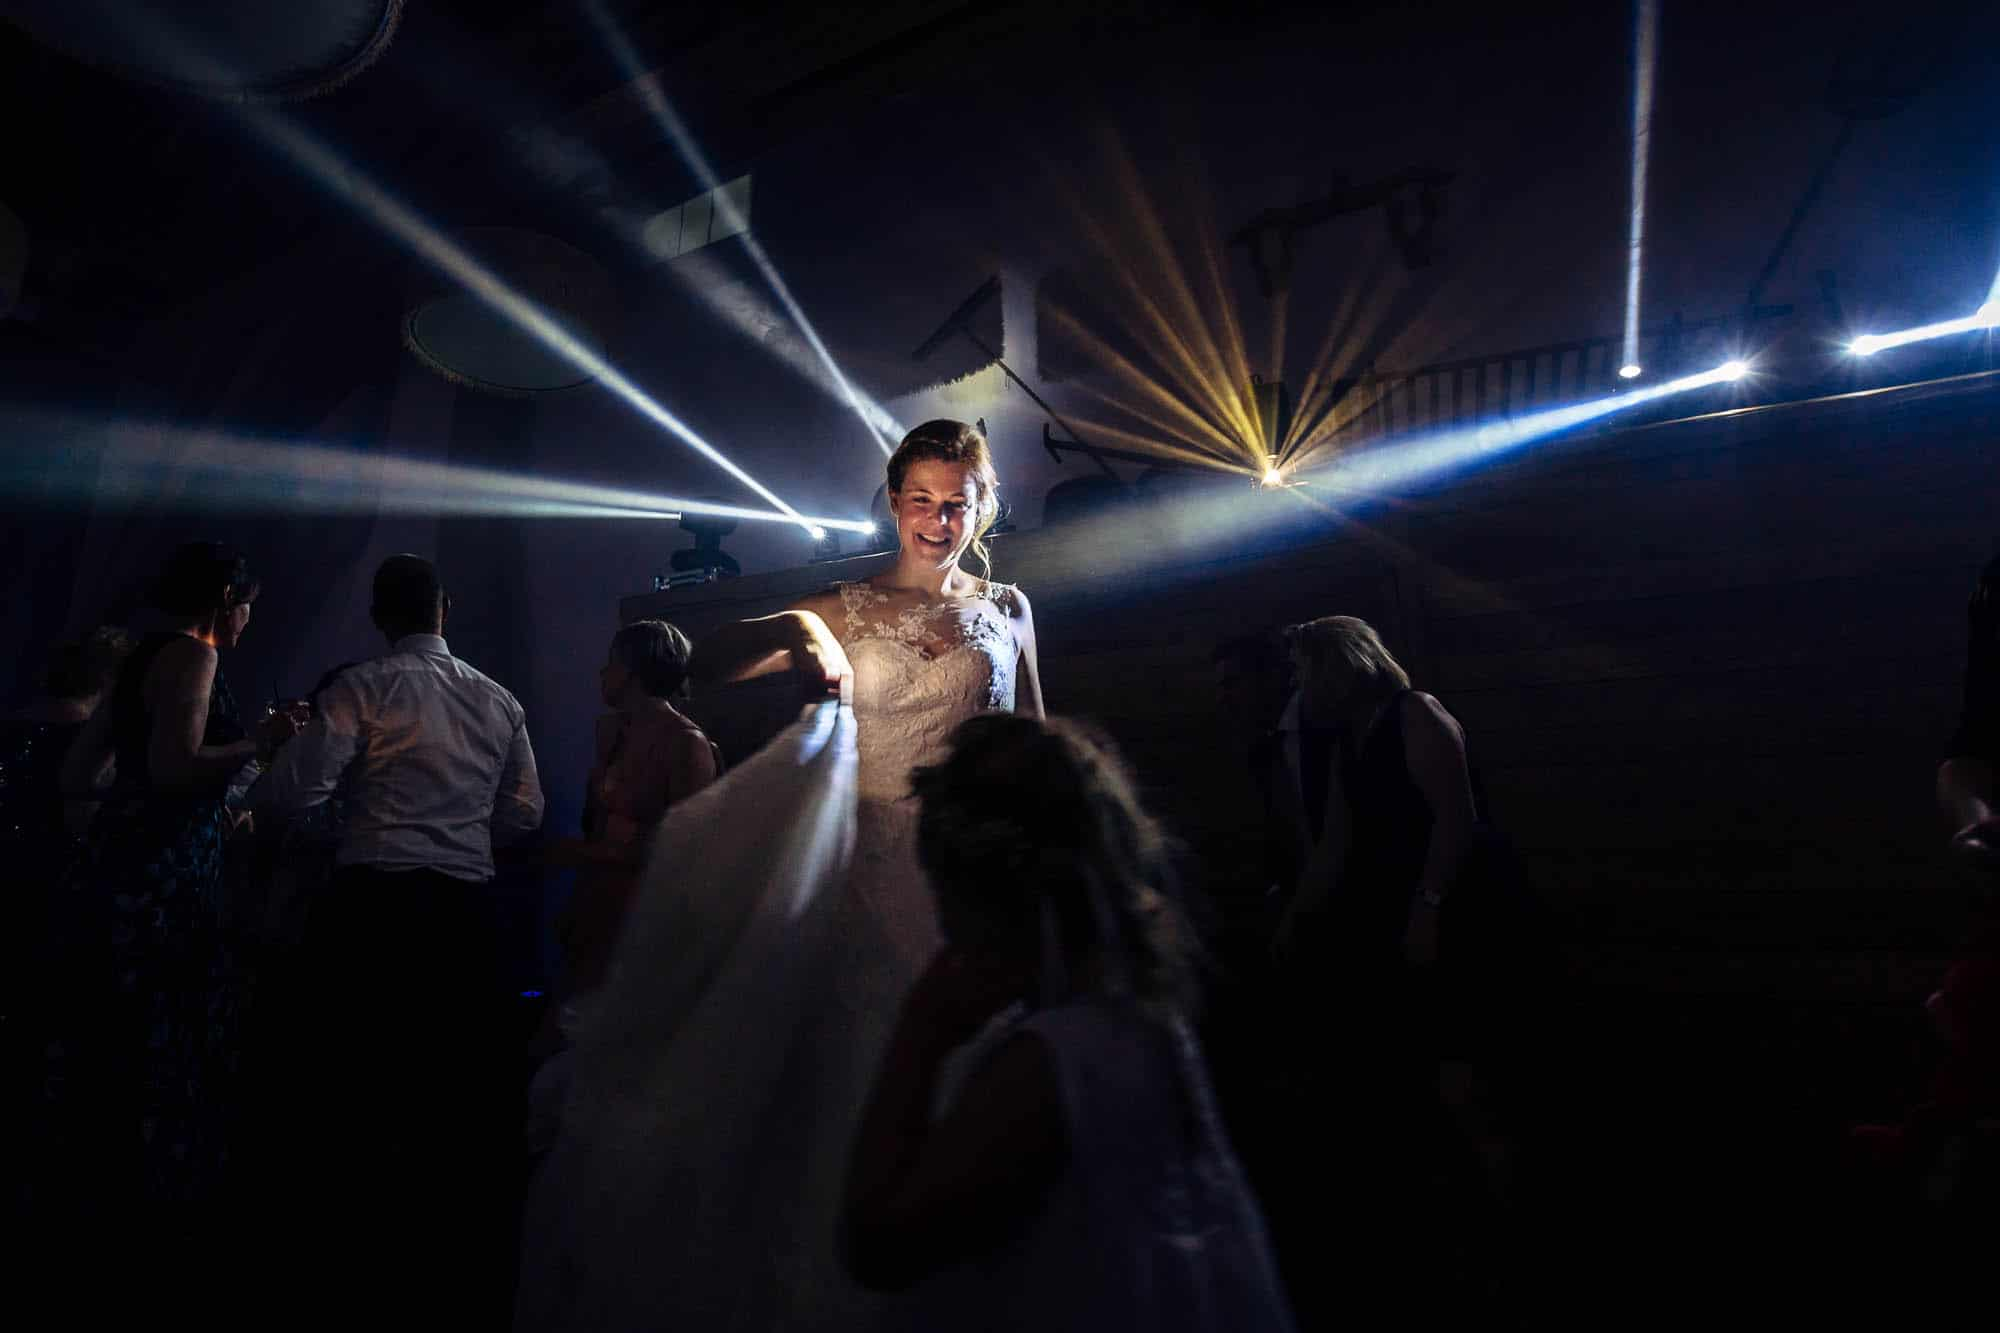 Hochzeitsparty tanzt bei Lichtshow